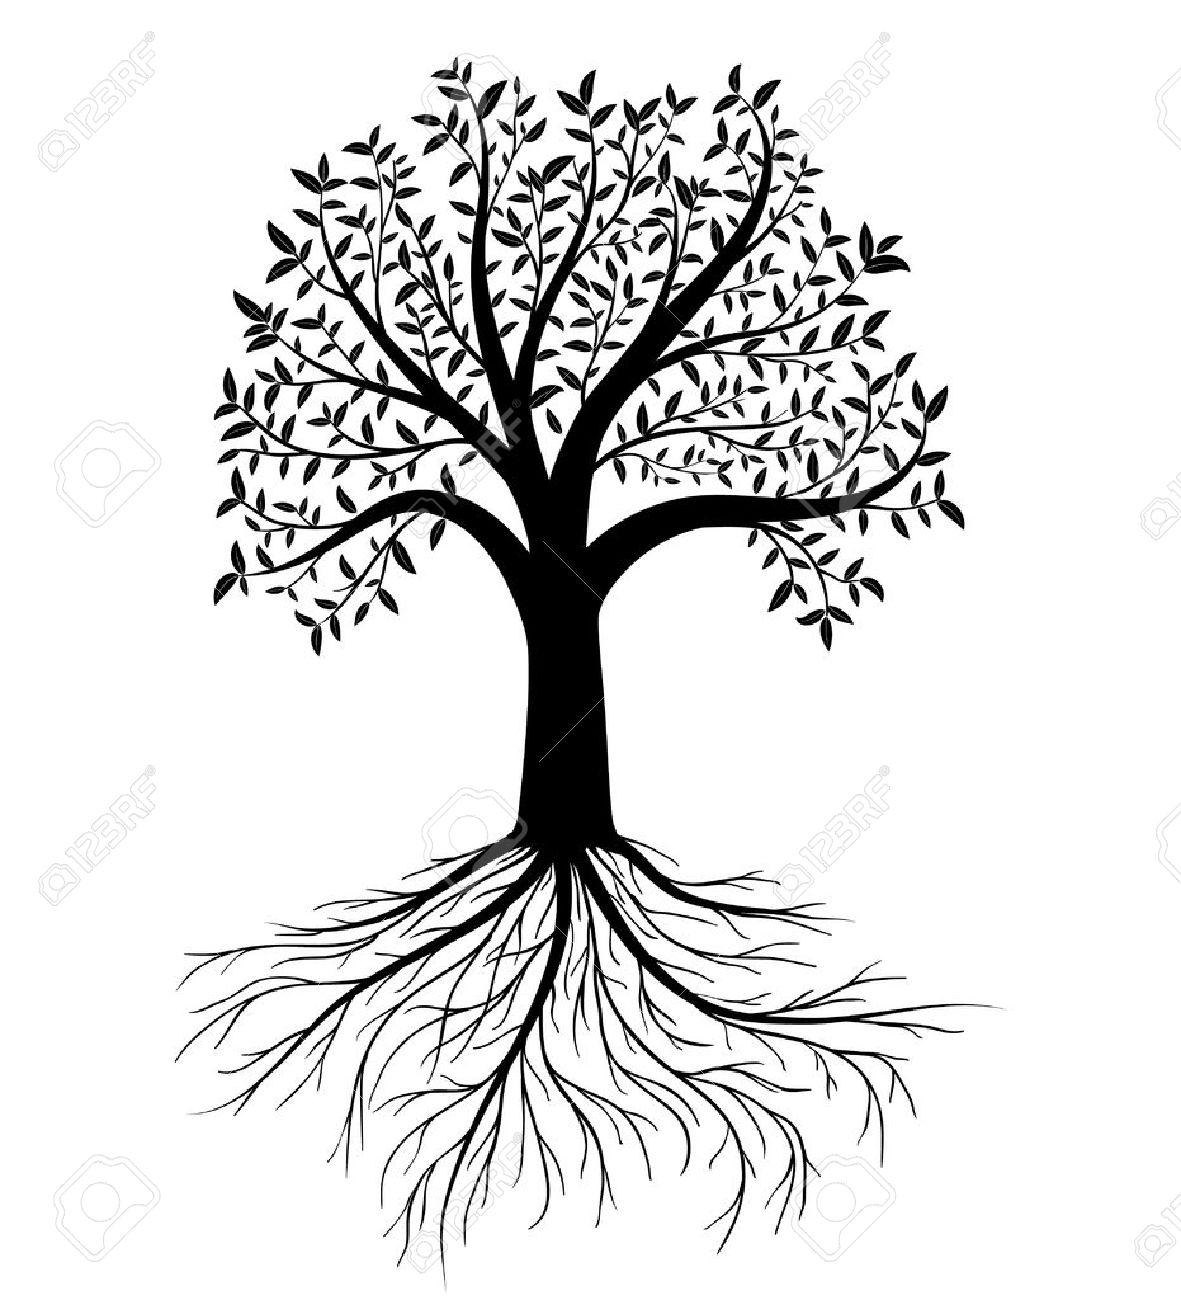 silueta de árbol con hojas y raíces ilustraciones vectoriales clip